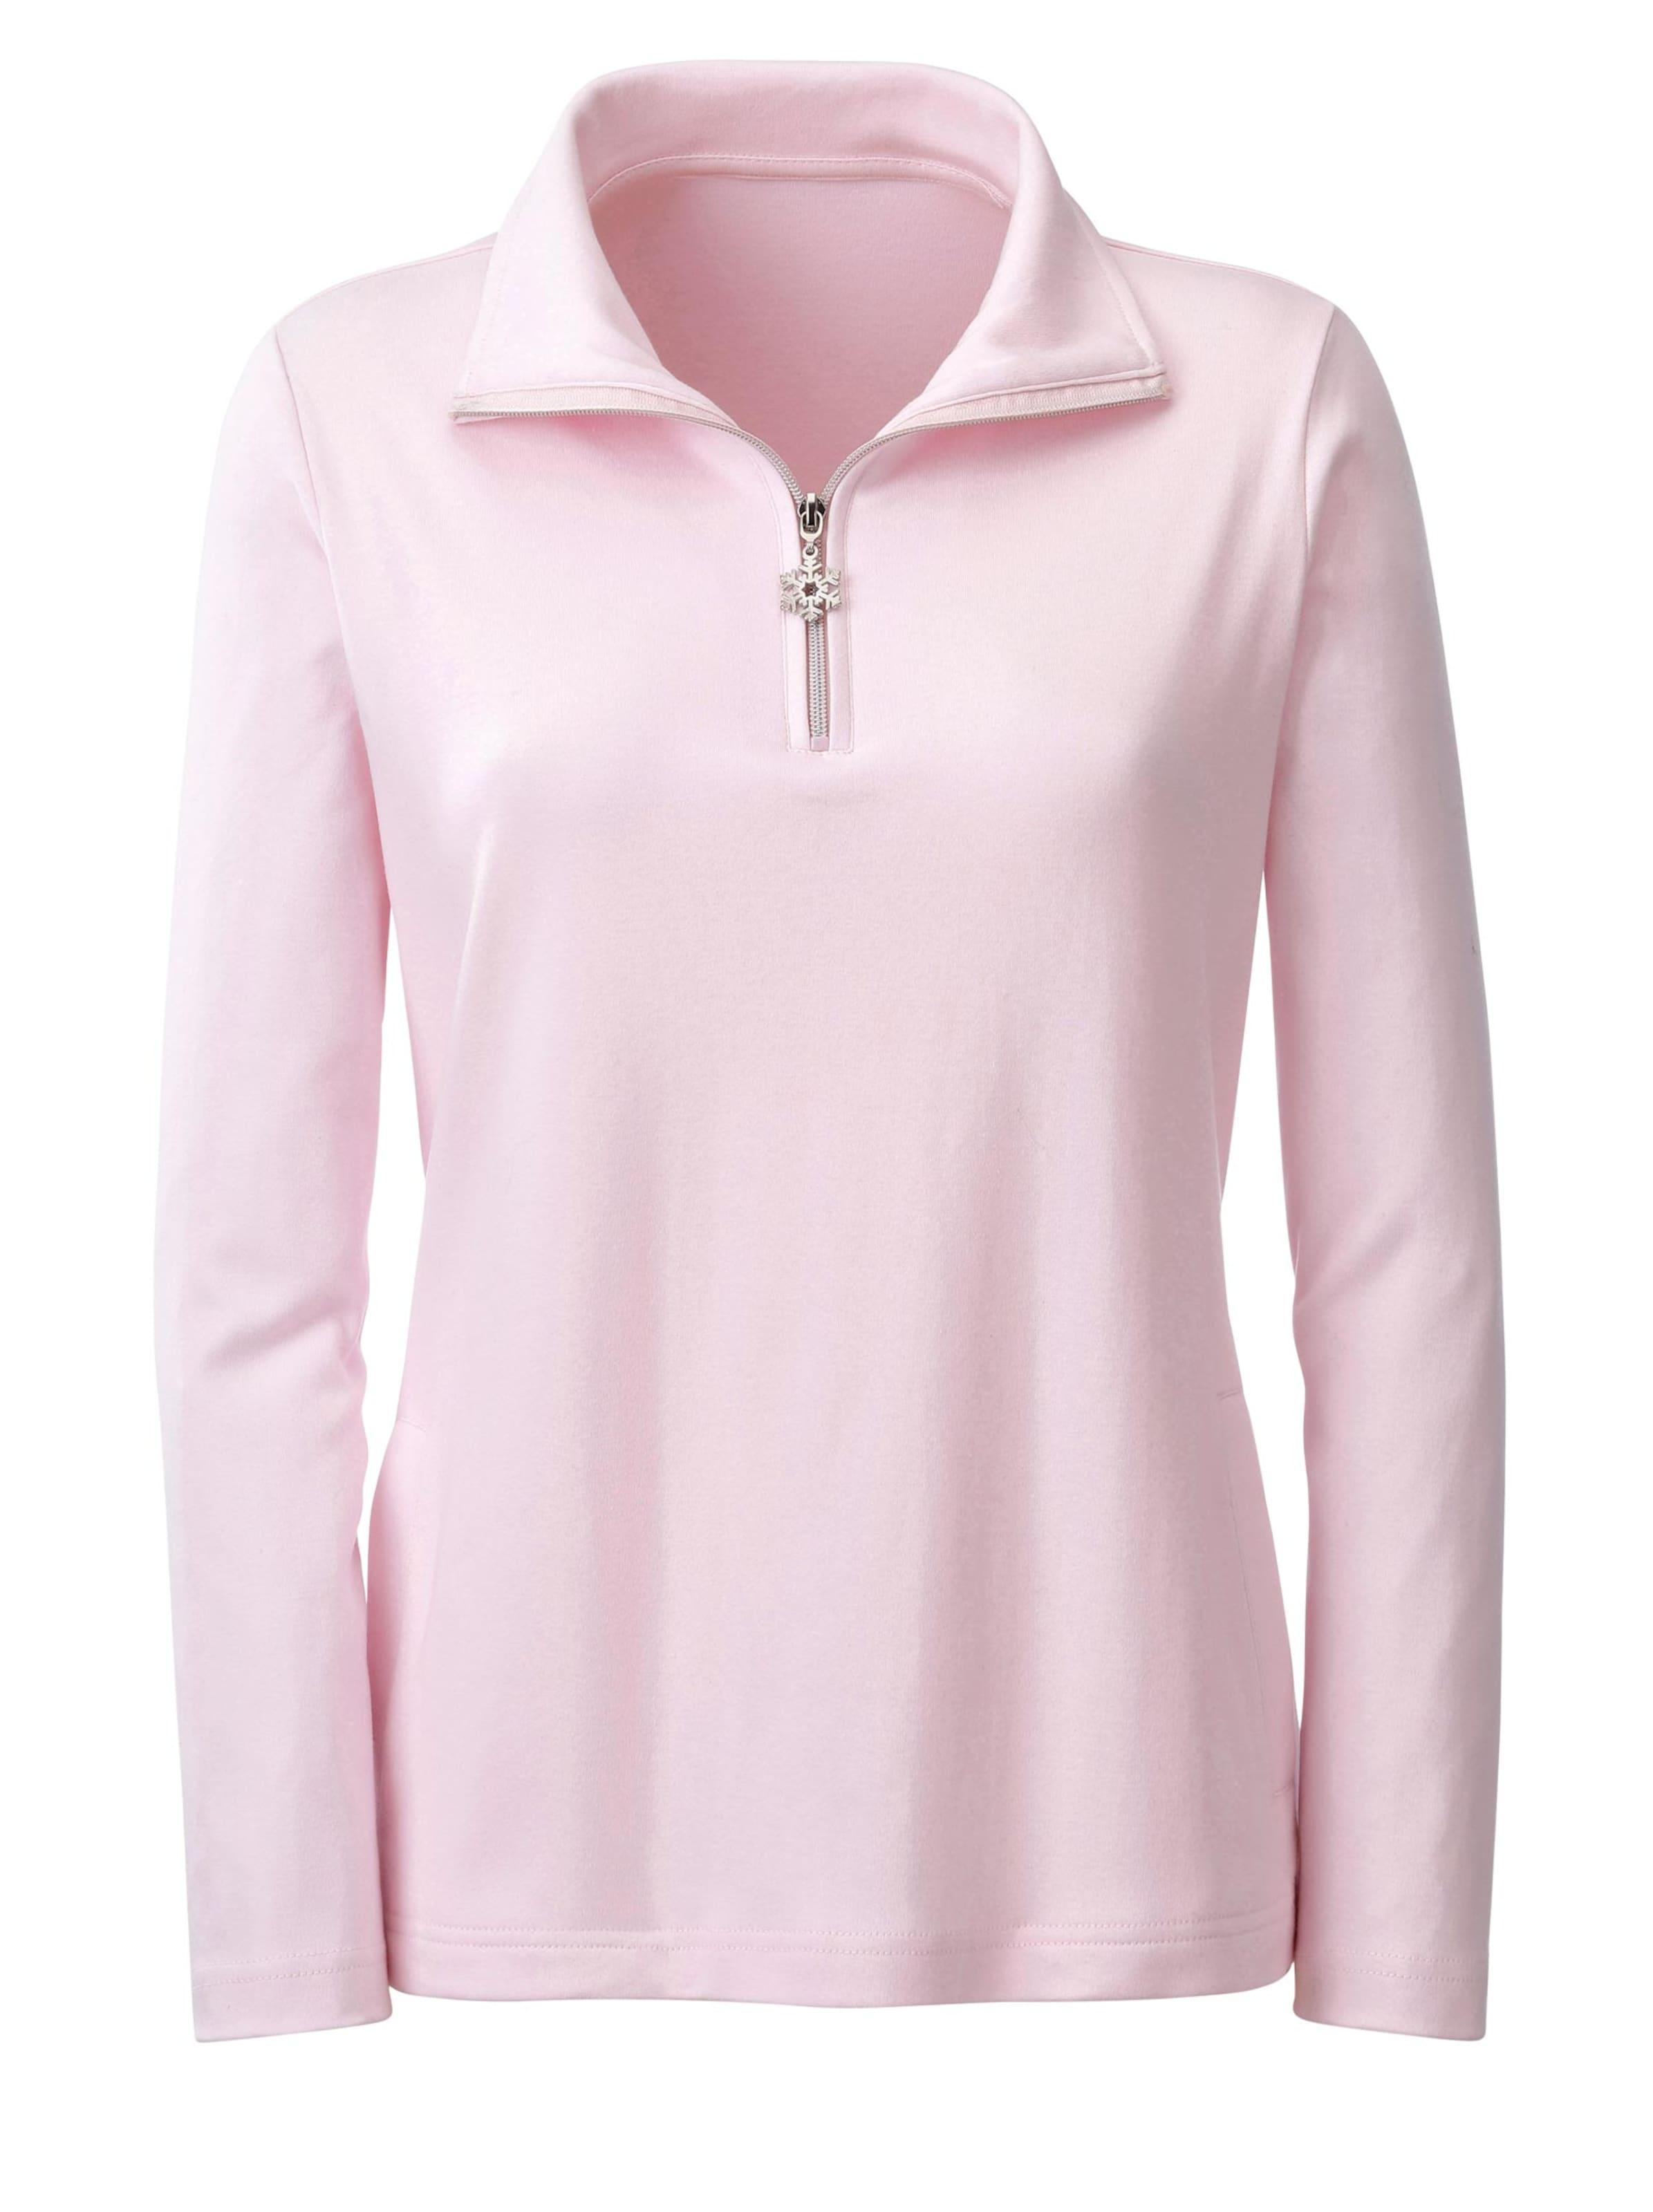 witt weiden - Damen Shirt rosé